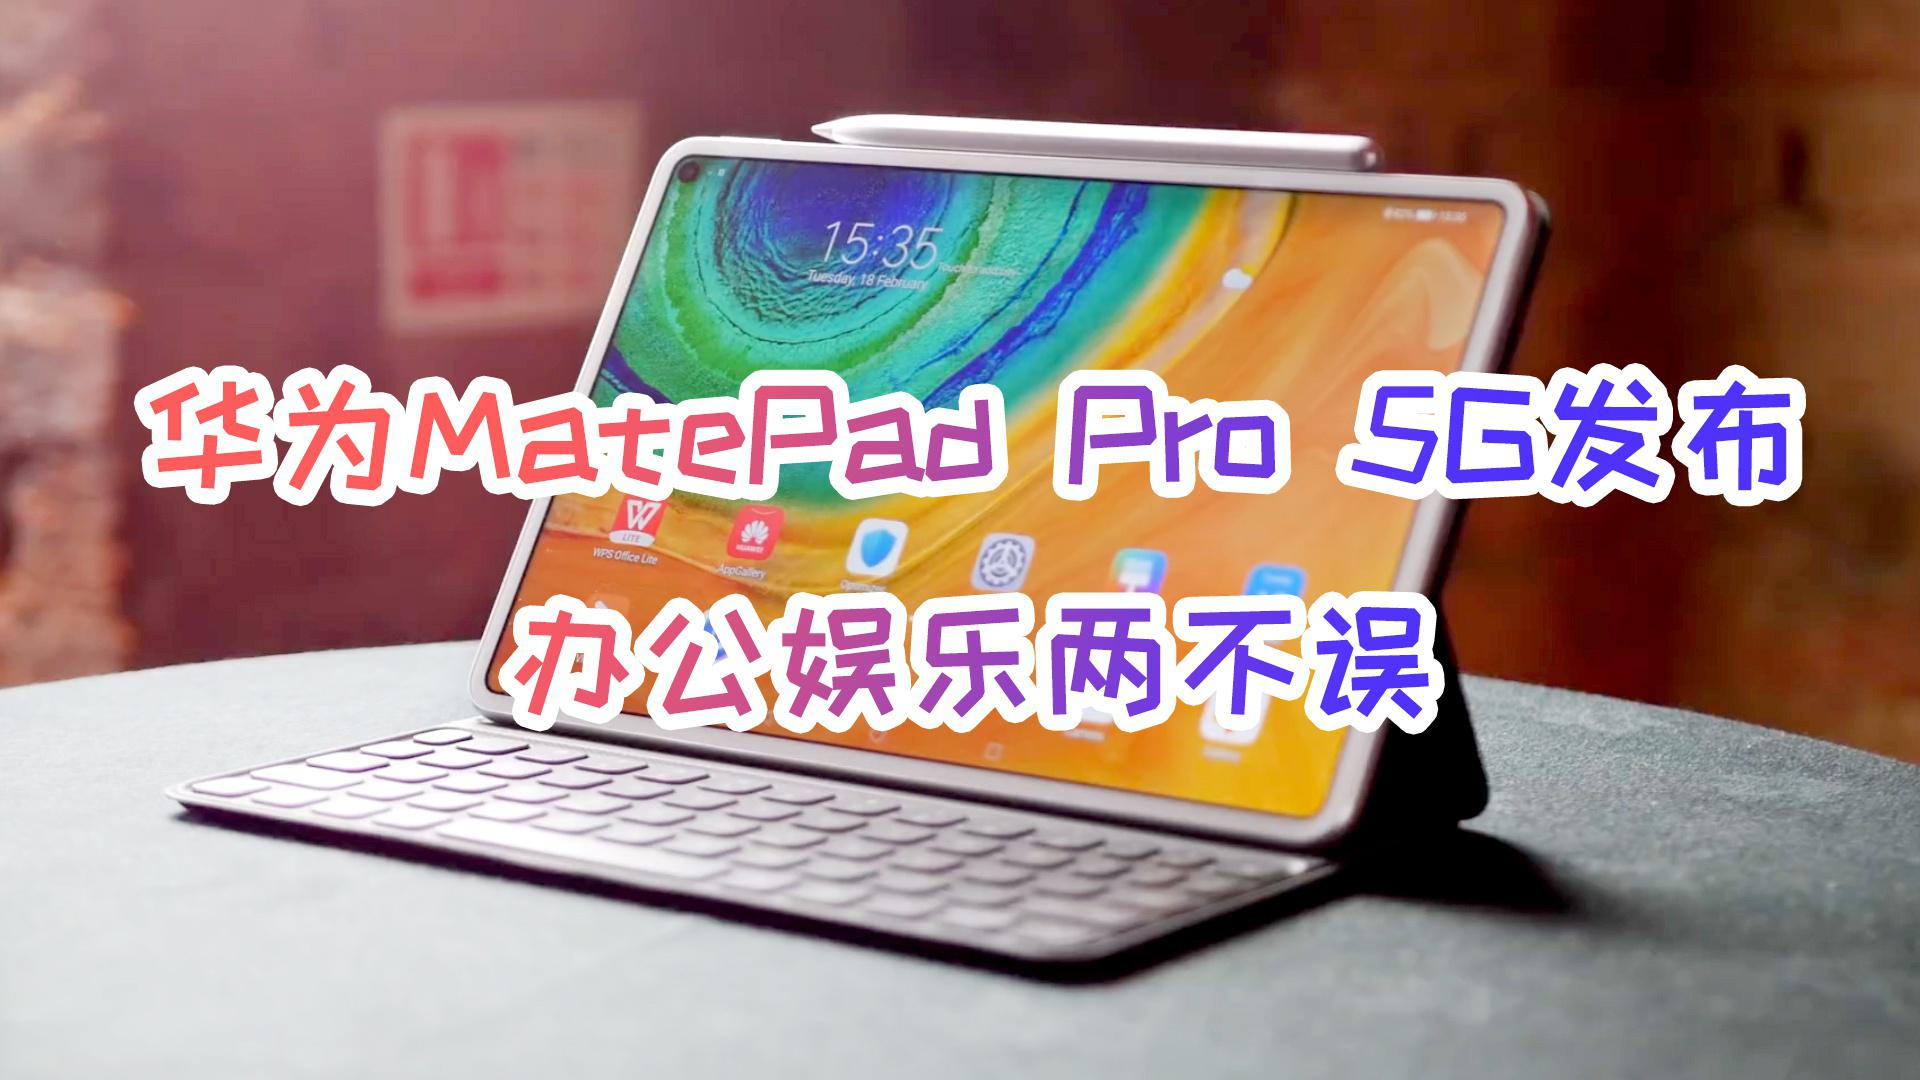 5G平板来啦,华为MatePad Pro 5G发布,办公娱乐两不误